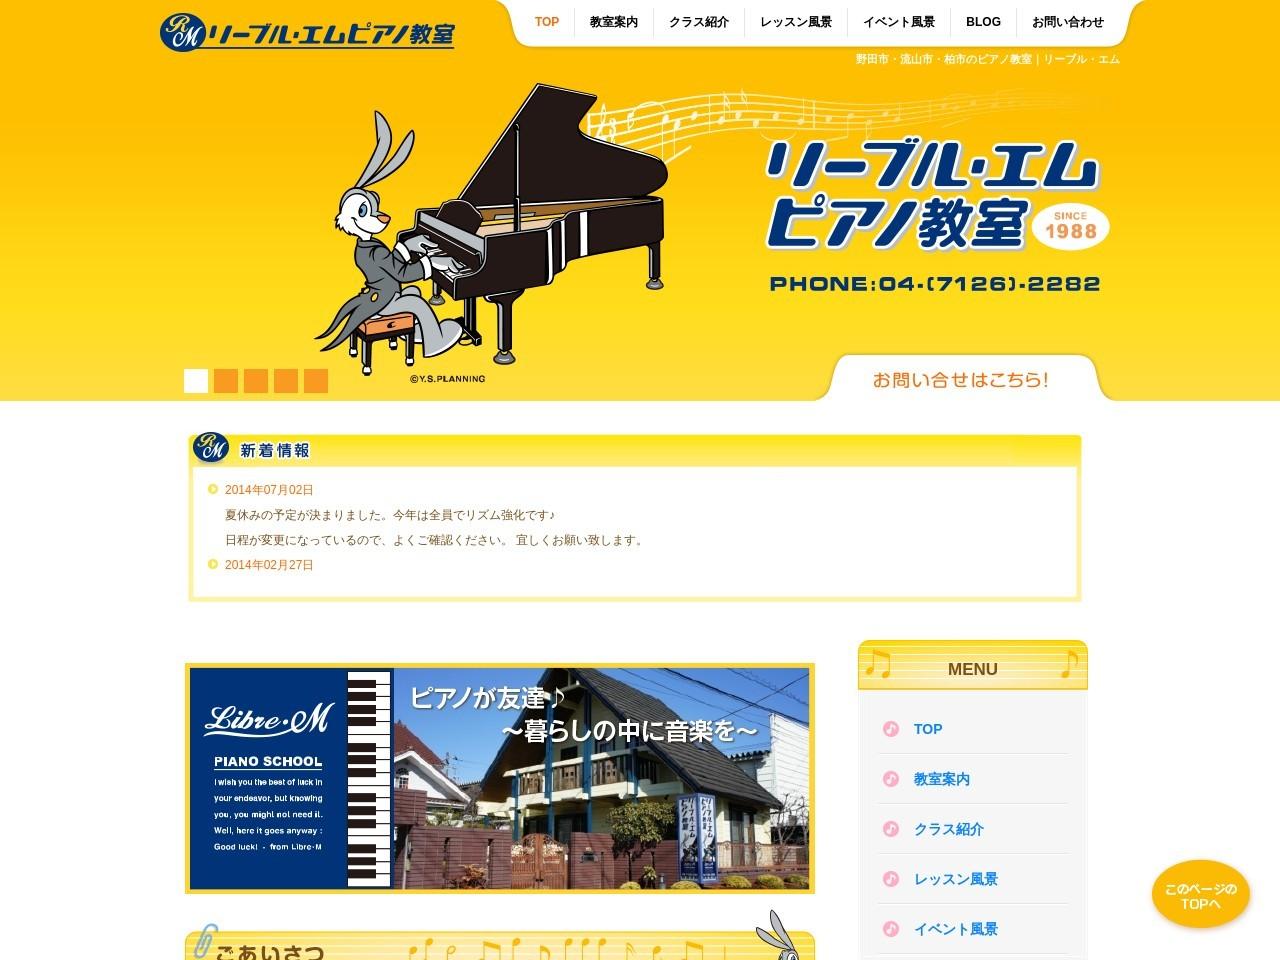 リーブル・エム ピアノ教室のサムネイル